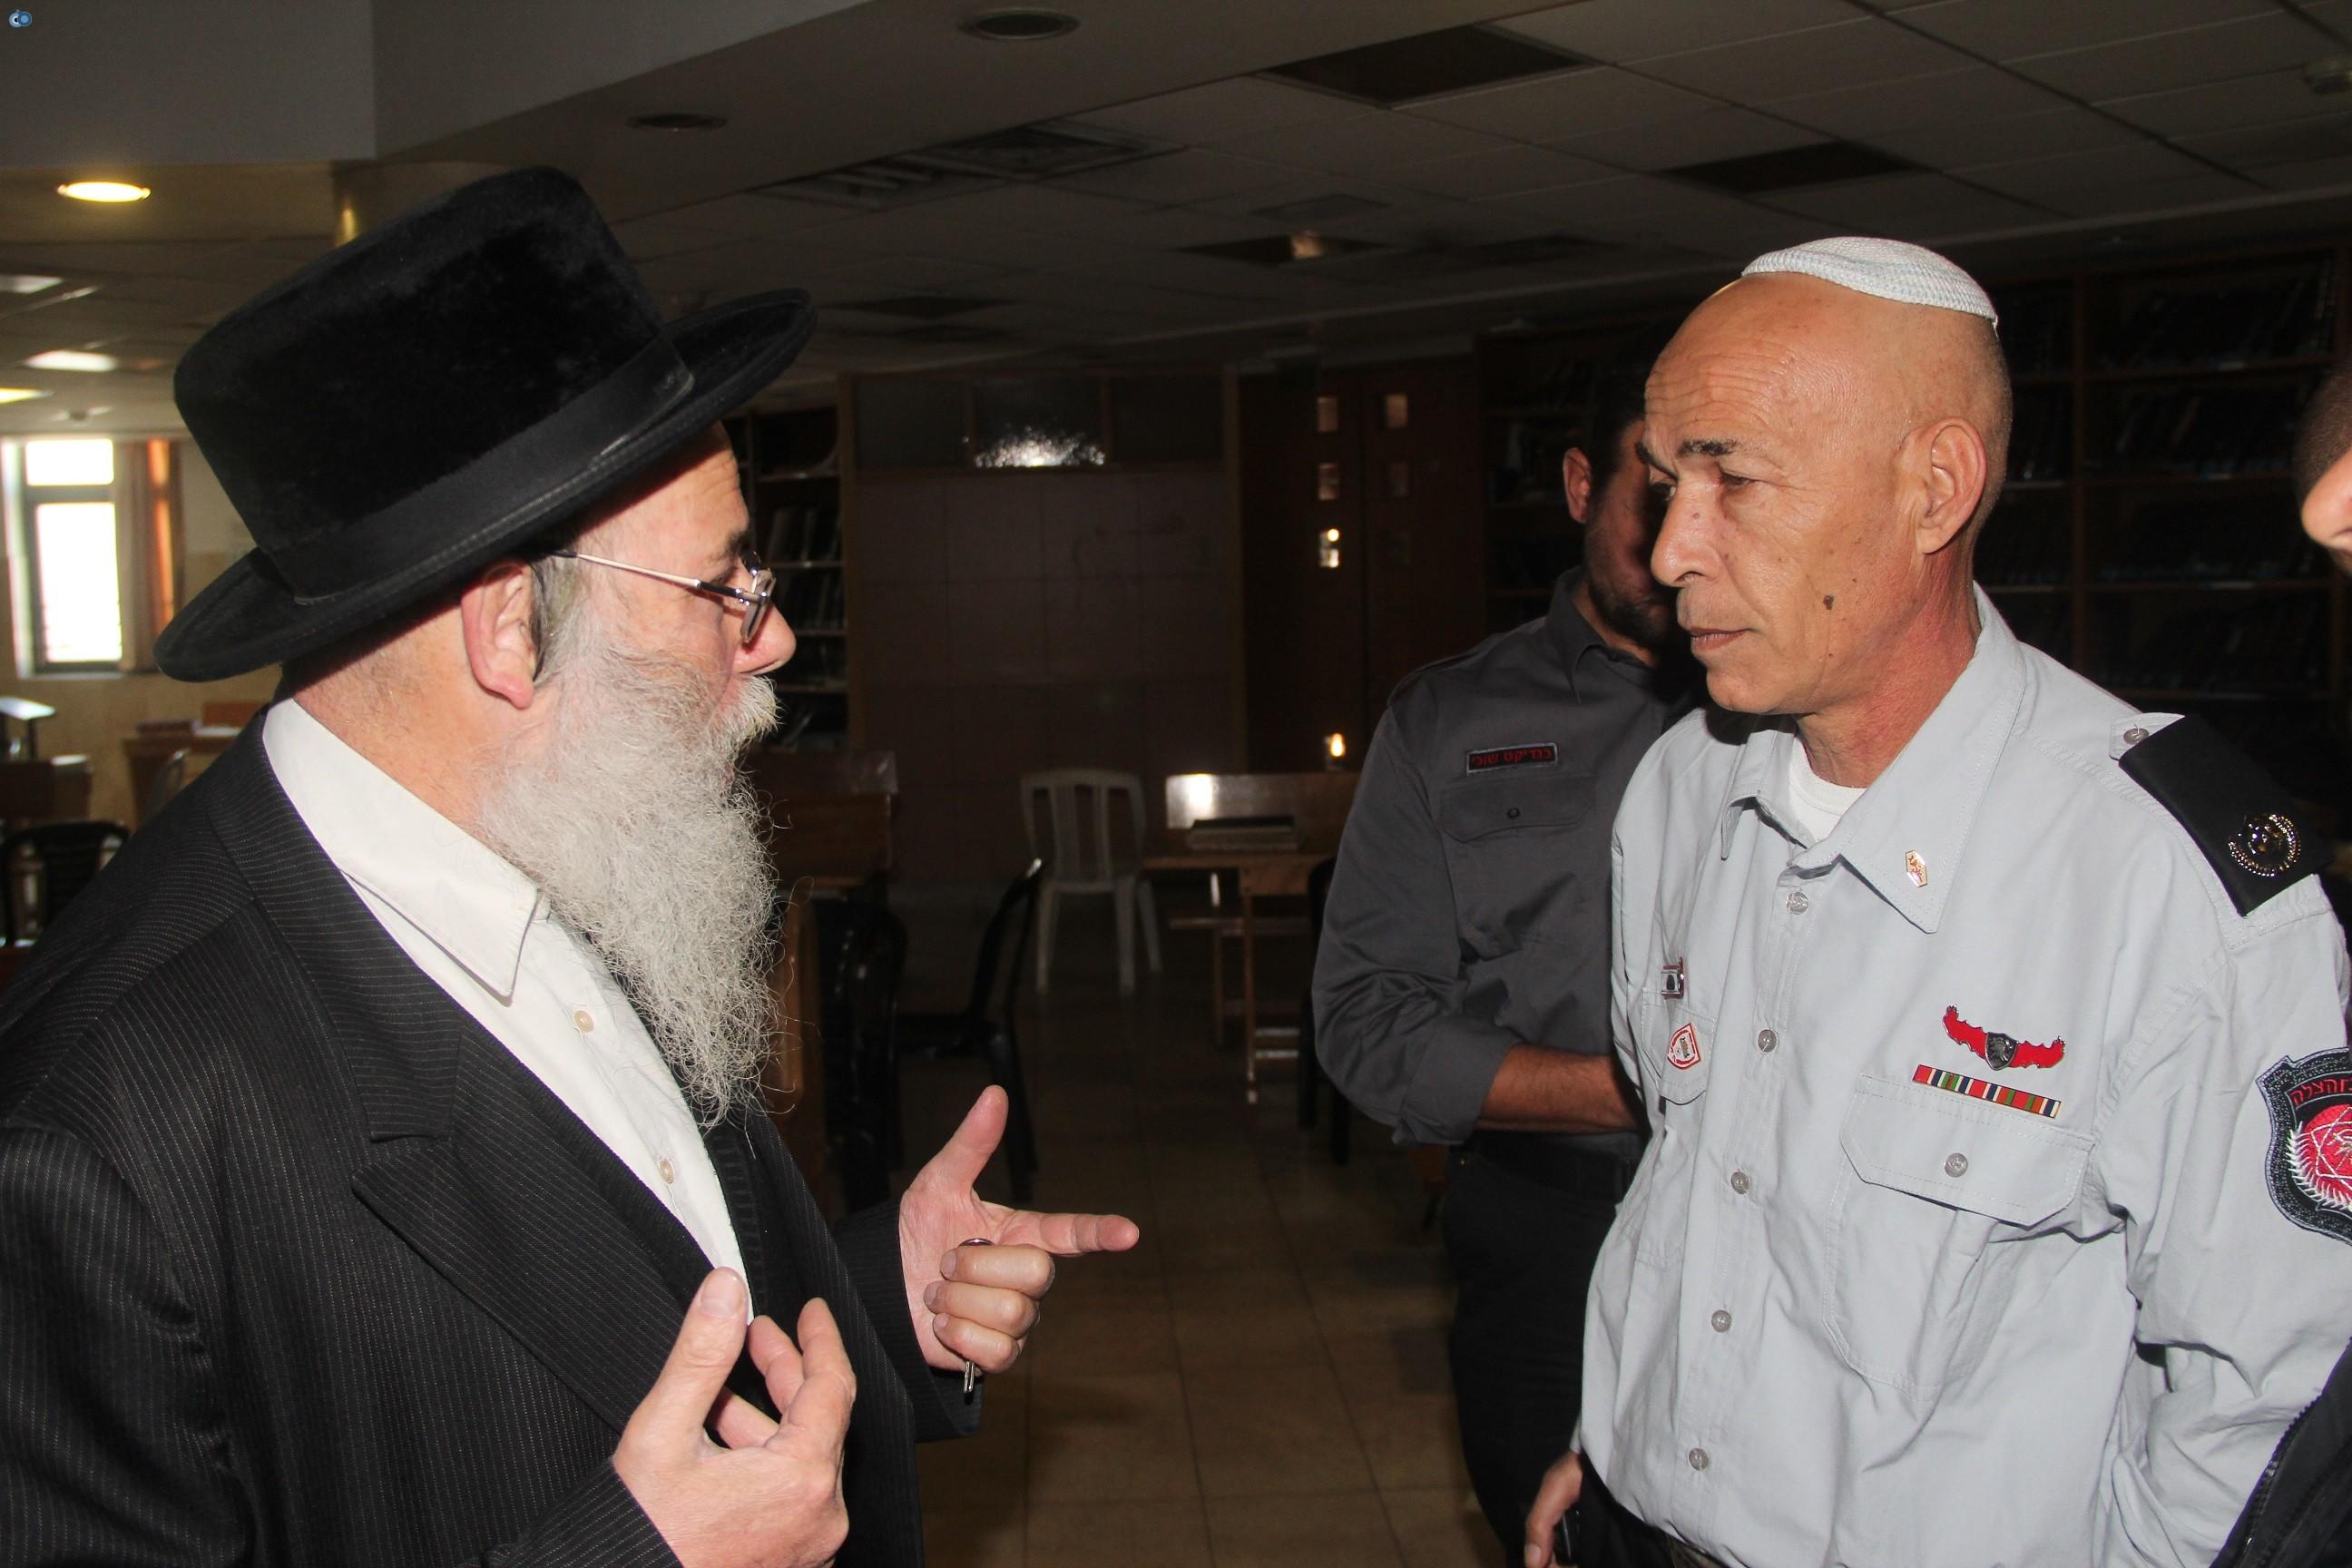 אלי בסון, שוכי בנדיקט ראשי מכבי  האש בירושלים (7)